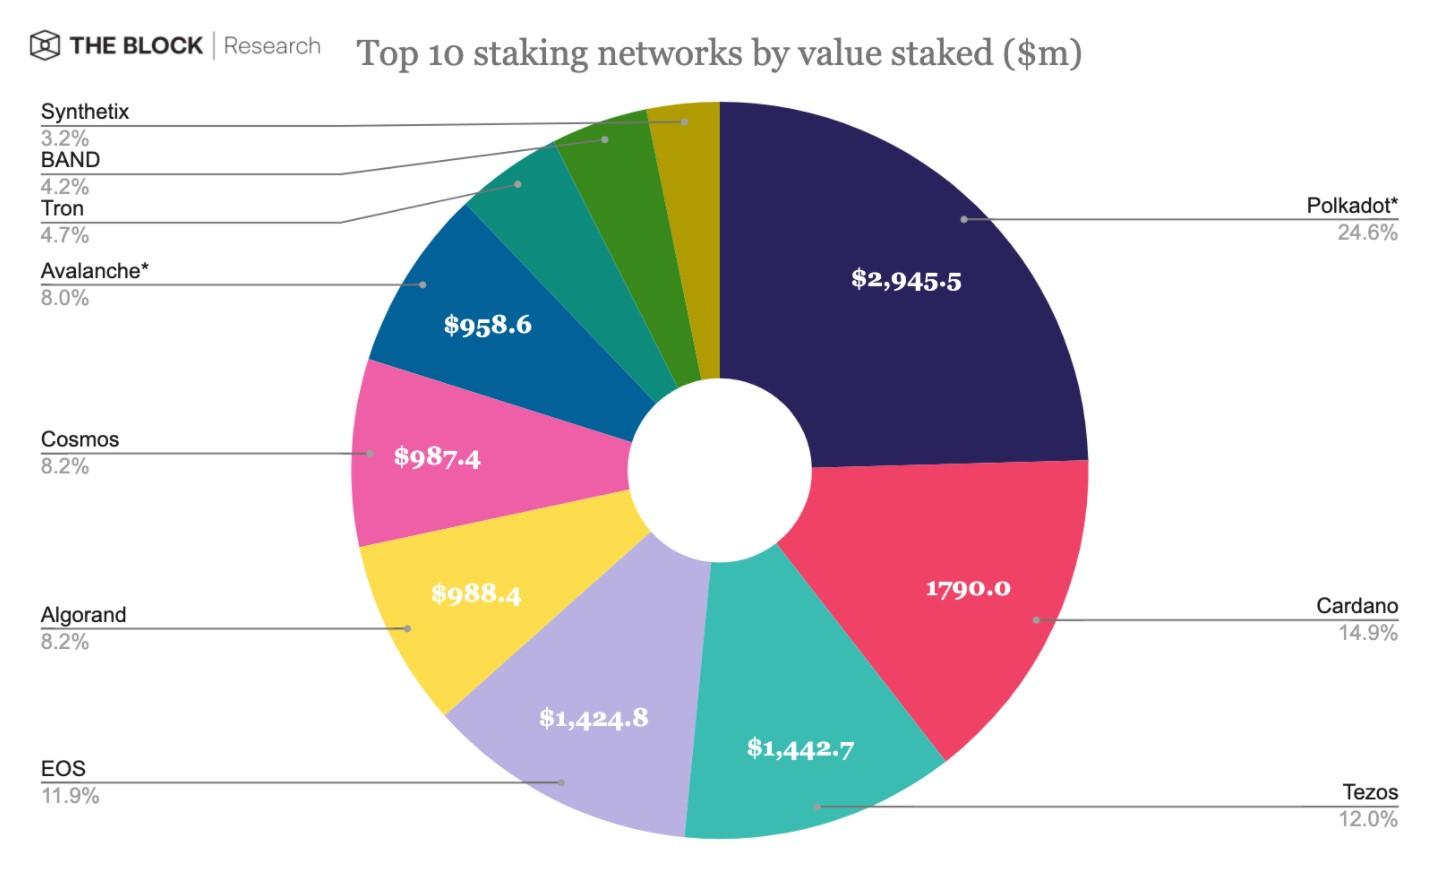 Исследование: Топ-10 блокчейн-сетей для стейкинга удерживают около $12 млрд